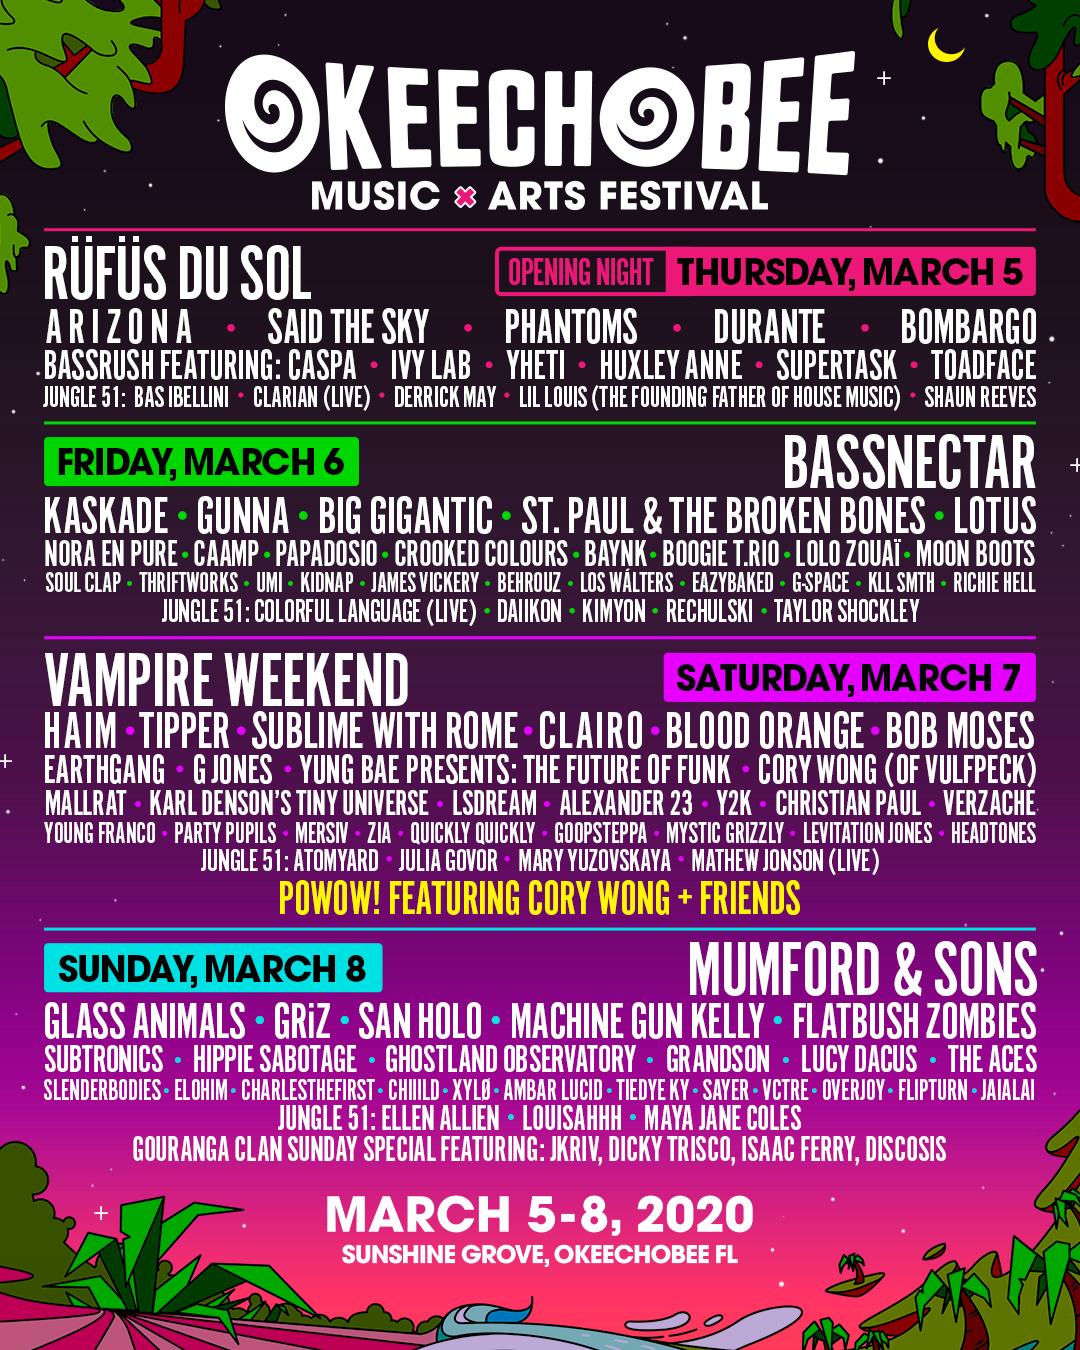 Okeechobee 2020 full lineup